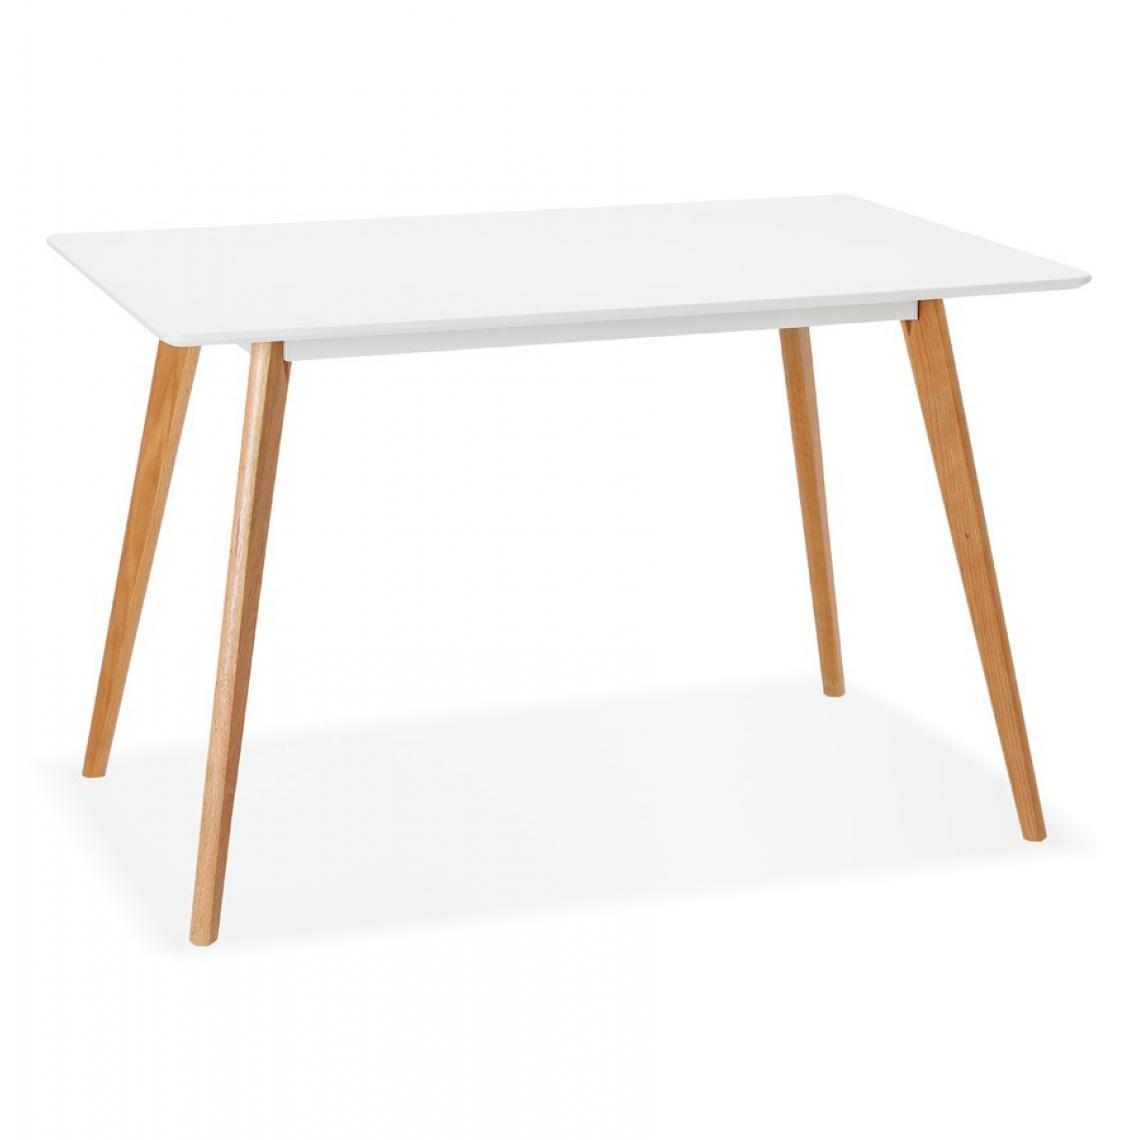 Table Bois Scandinave Plus Récent Table Bois 2 Personnes